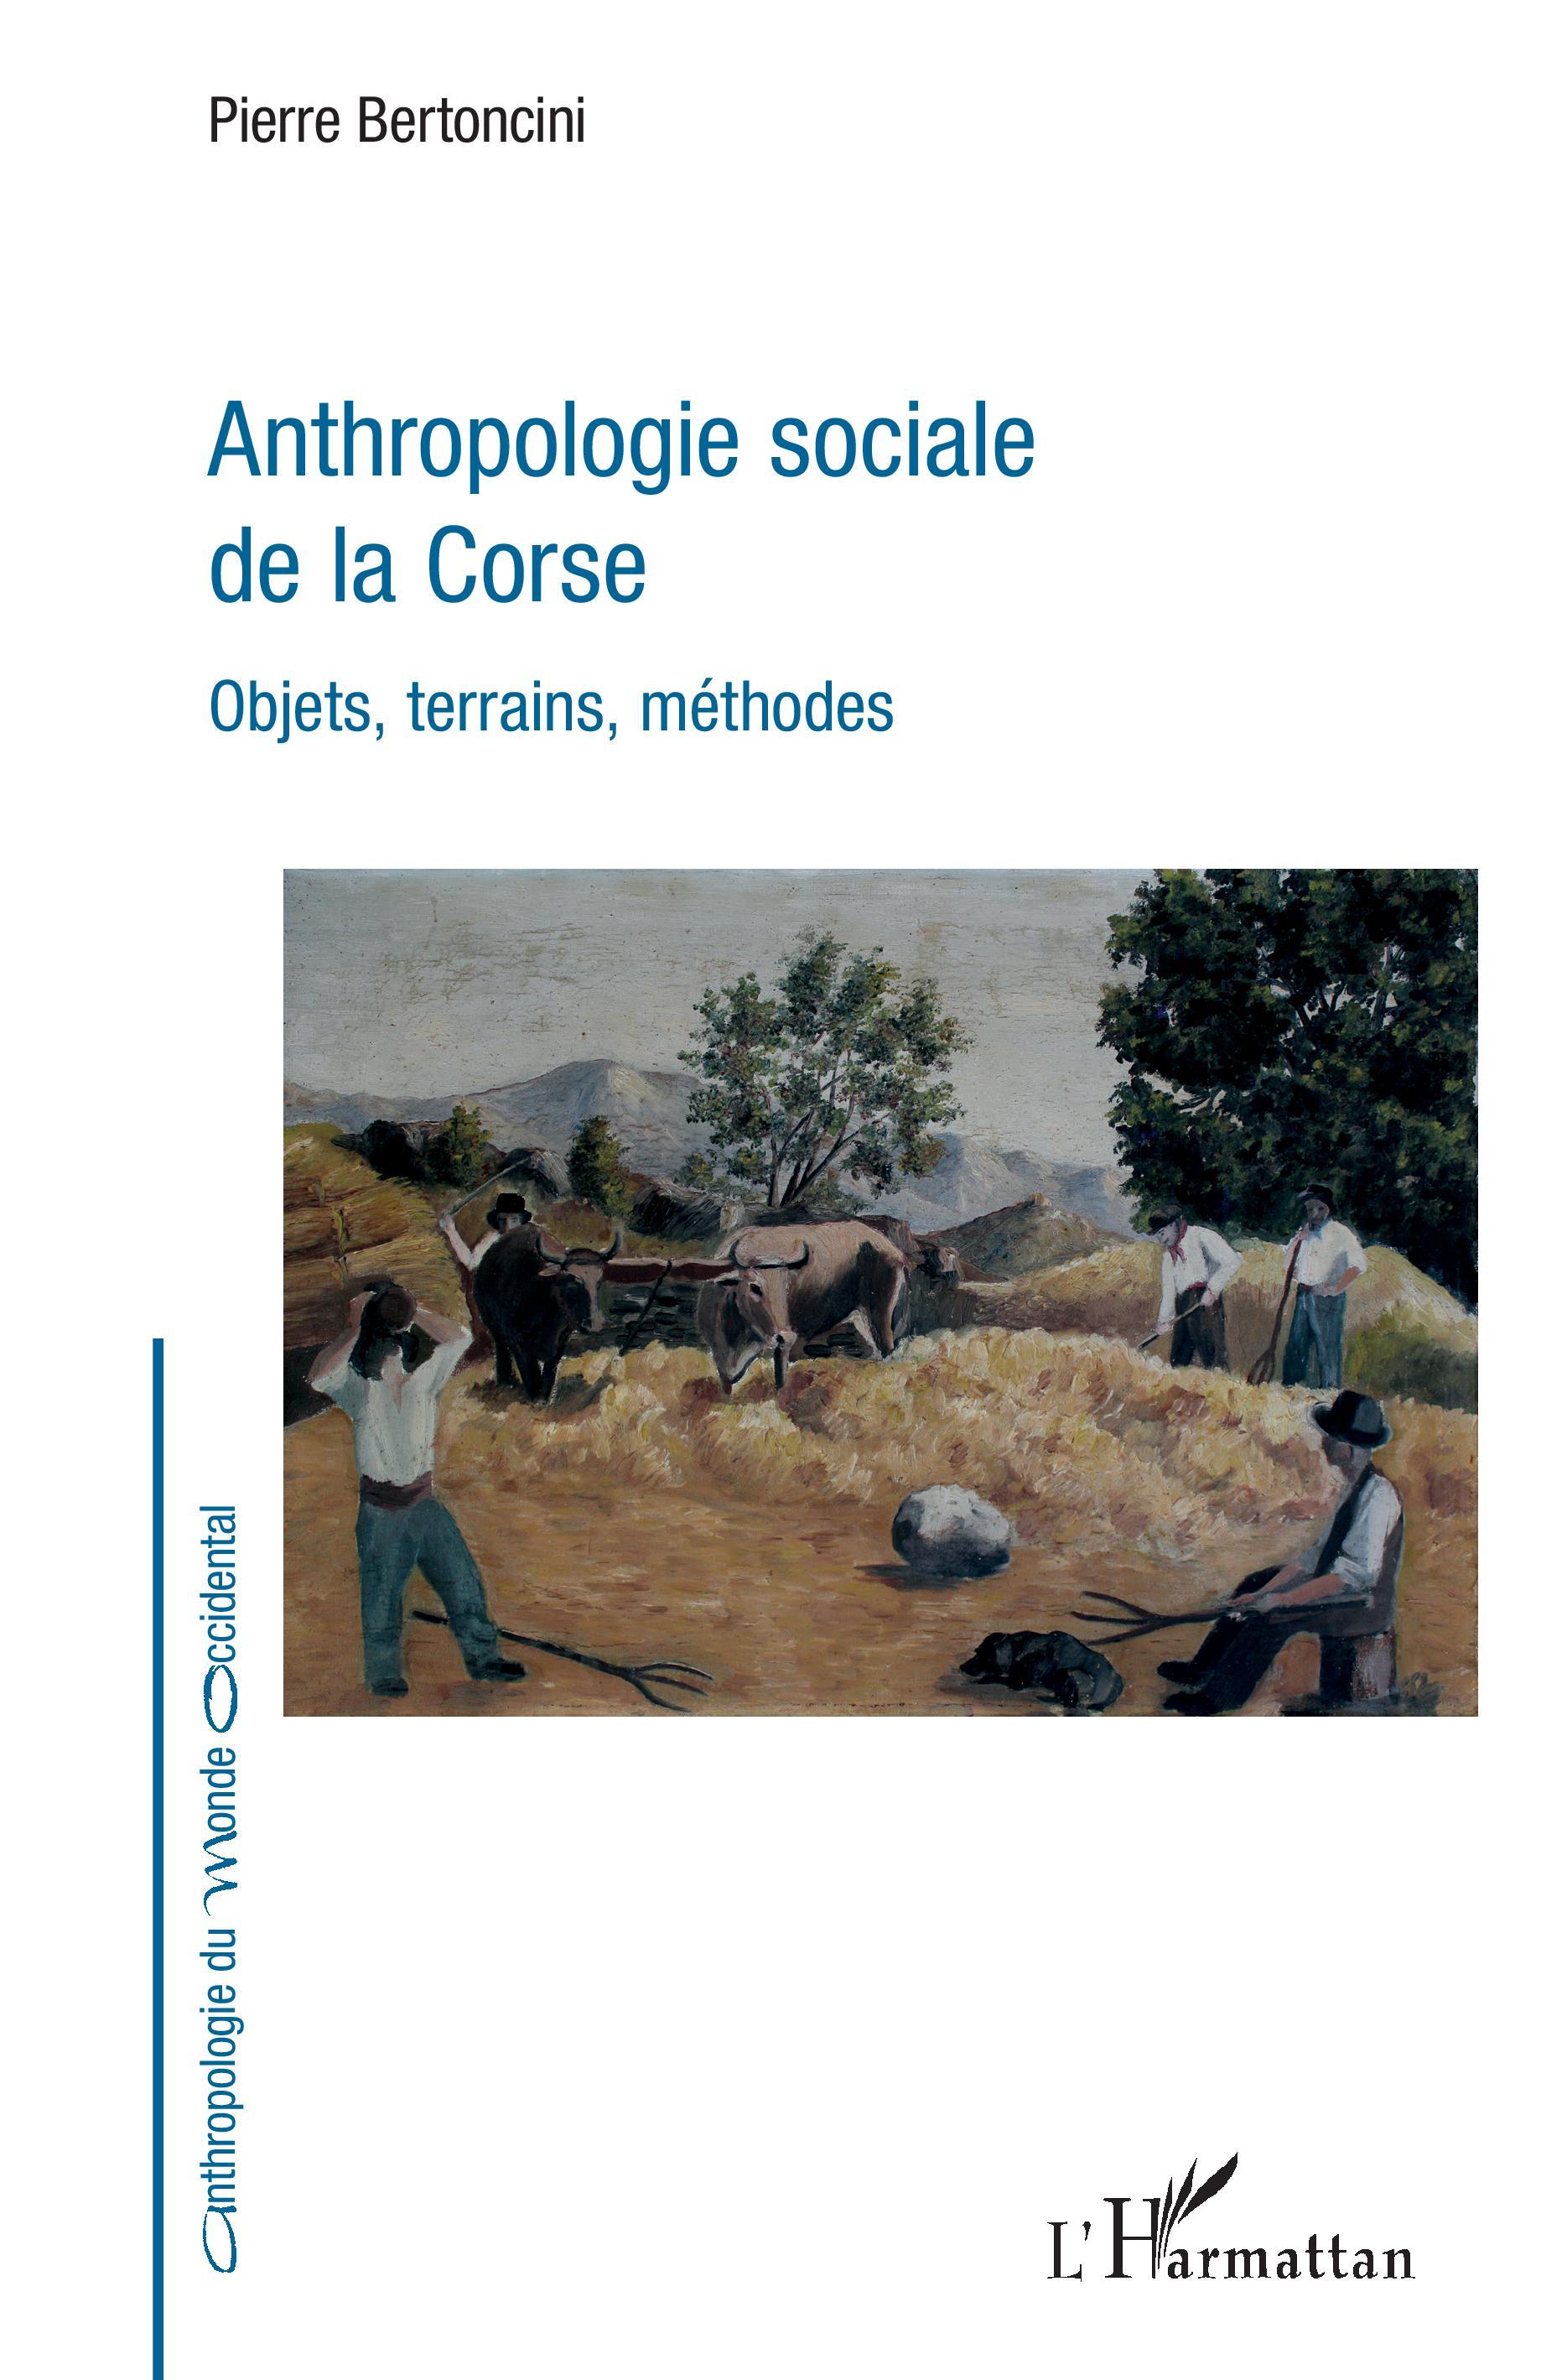 Pierre Bertoncini en dédidaces à la librairie Album de Bastia